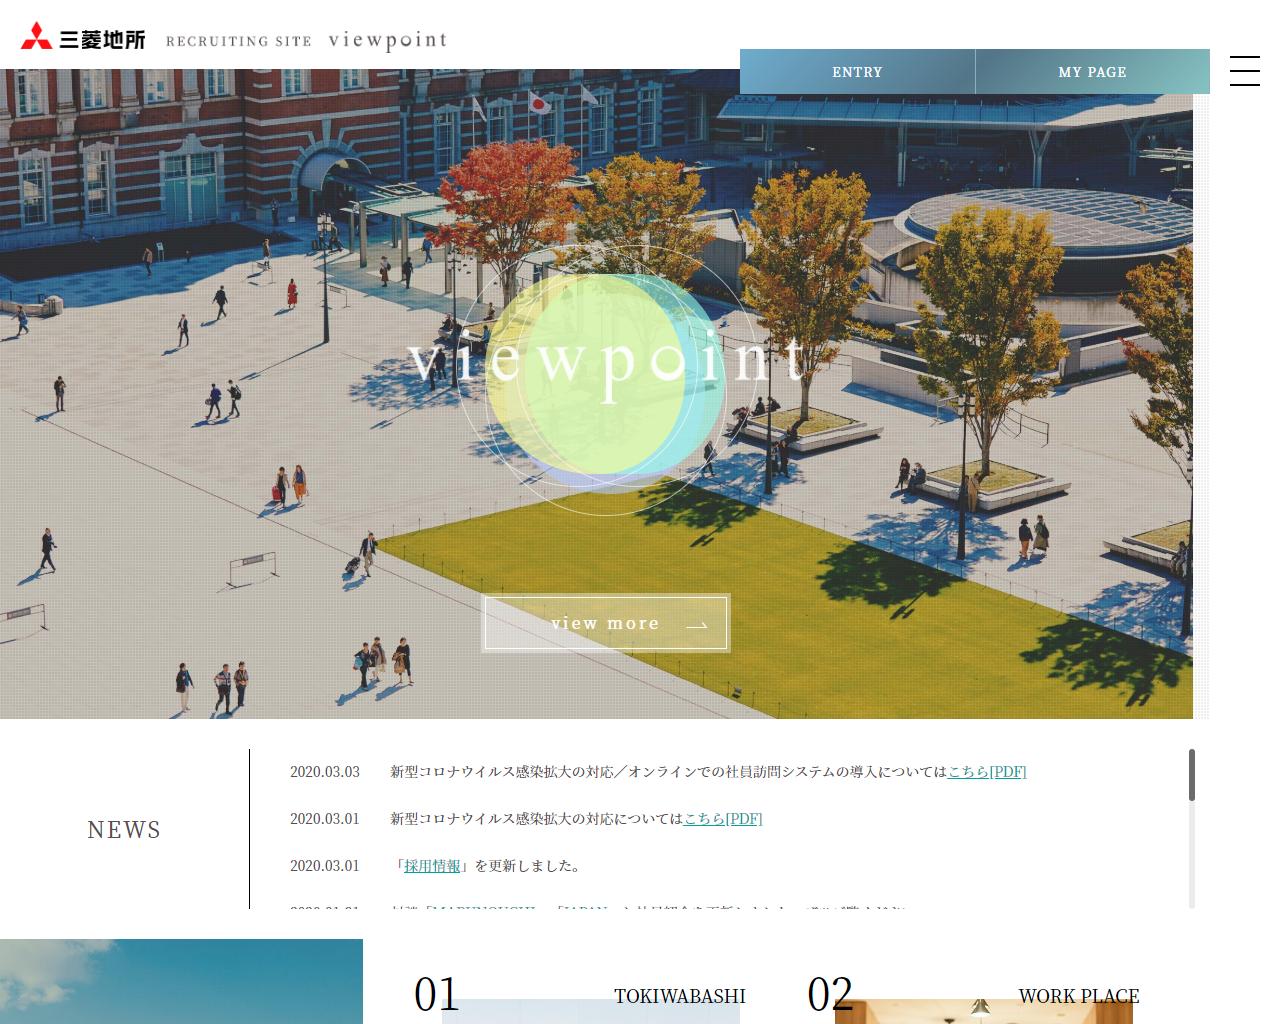 Viewpoint | 三菱地所 新卒採用 PC画像